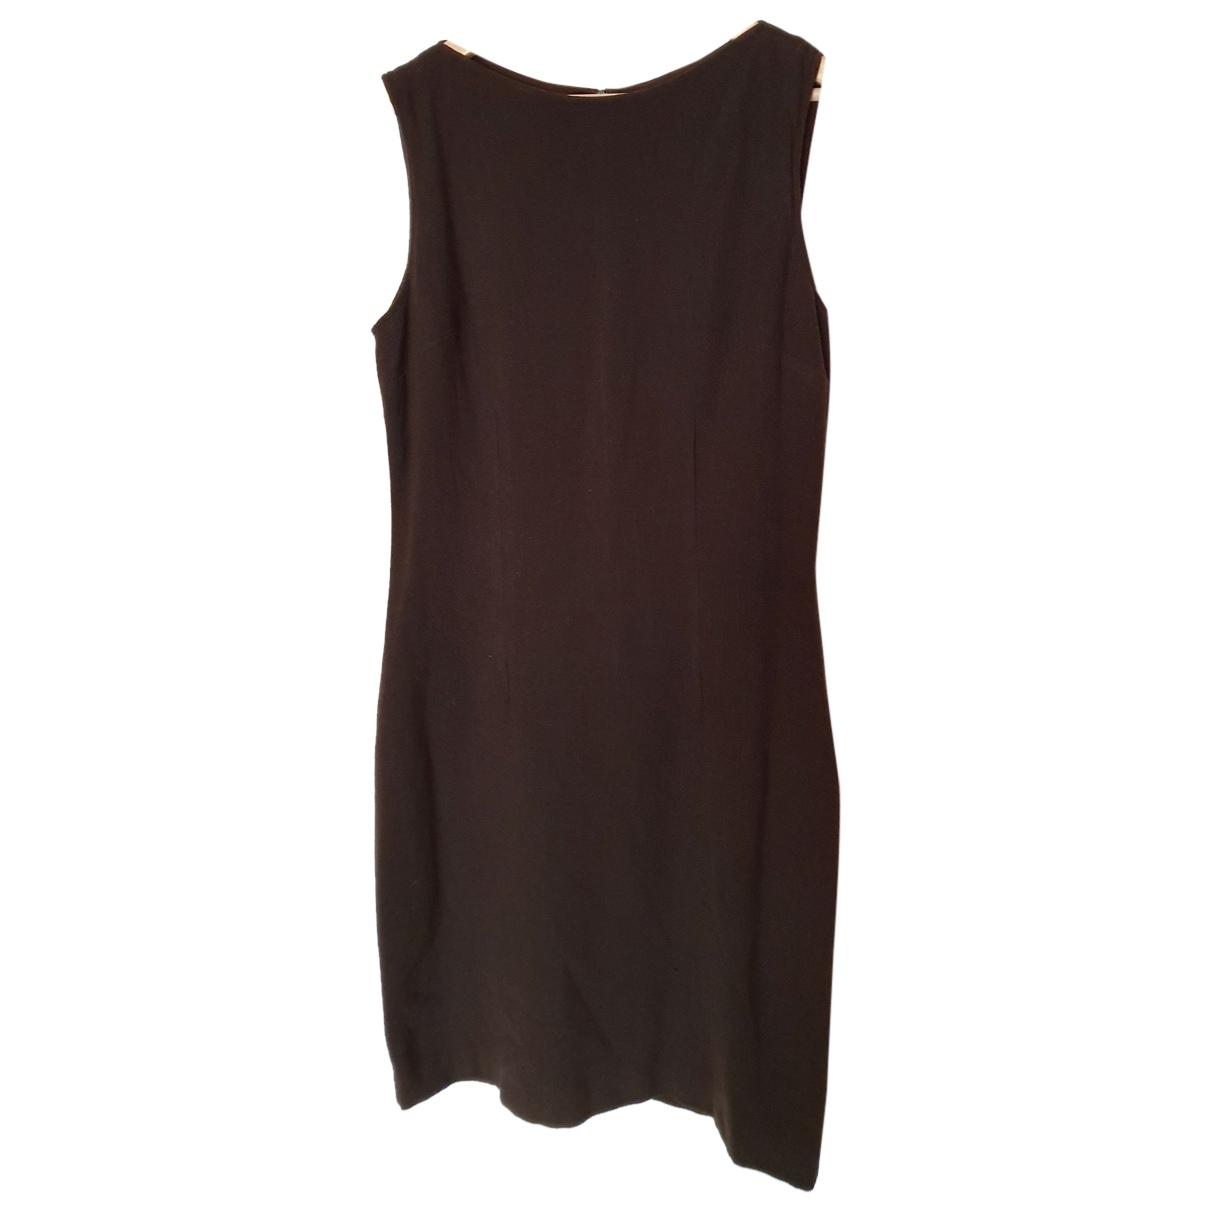 Yves Saint Laurent \N Kleid in  Braun Wolle